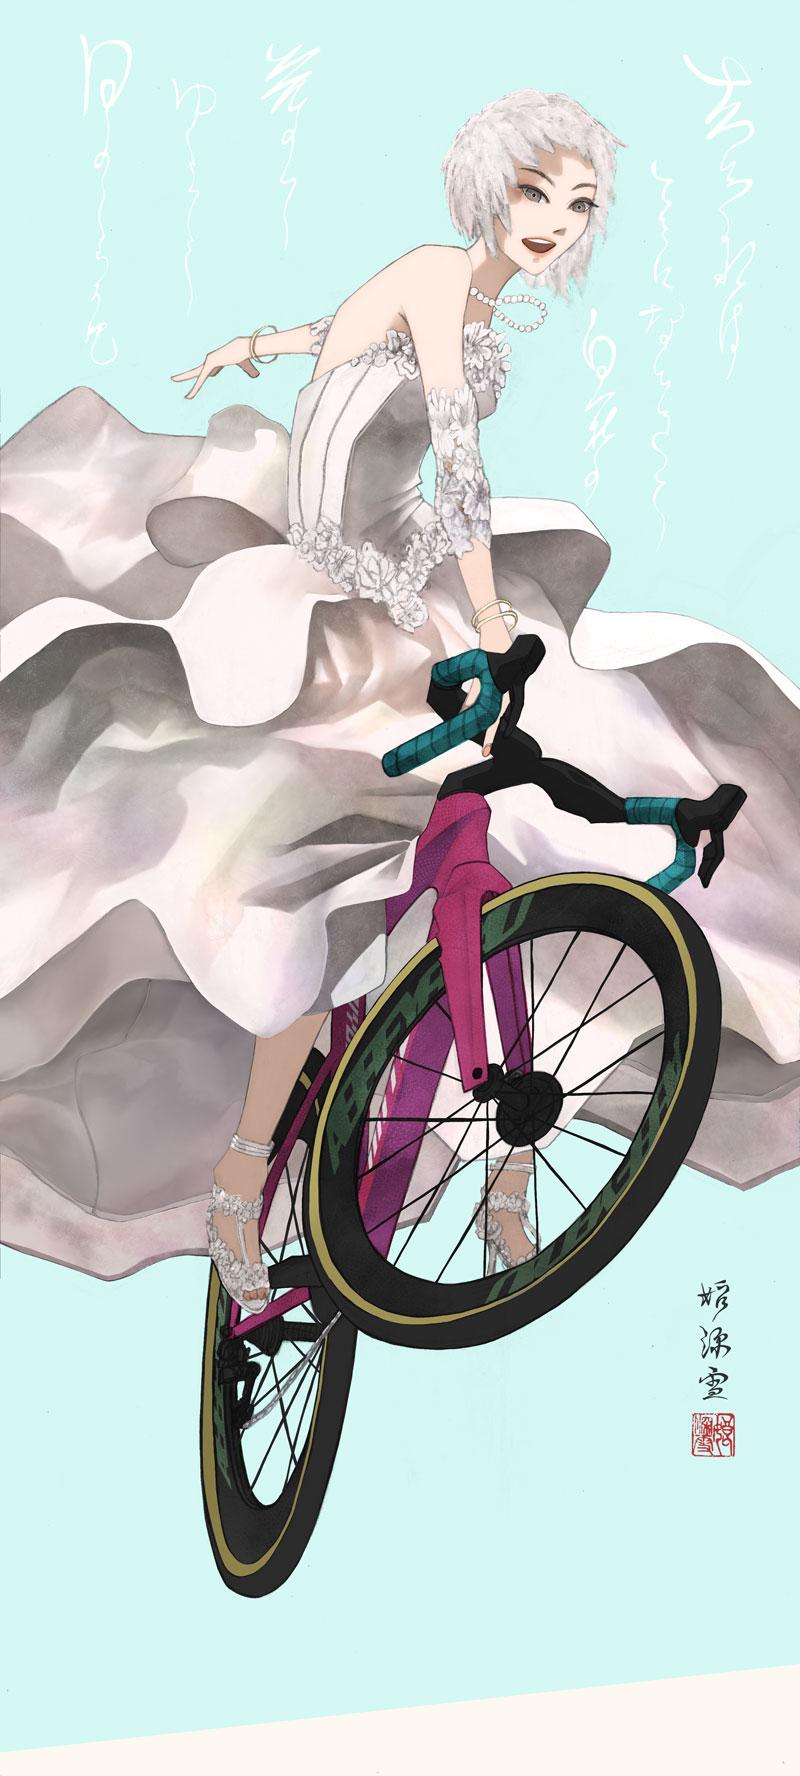 ウェディングドレスを着てフライオーバーでジャンプする女性